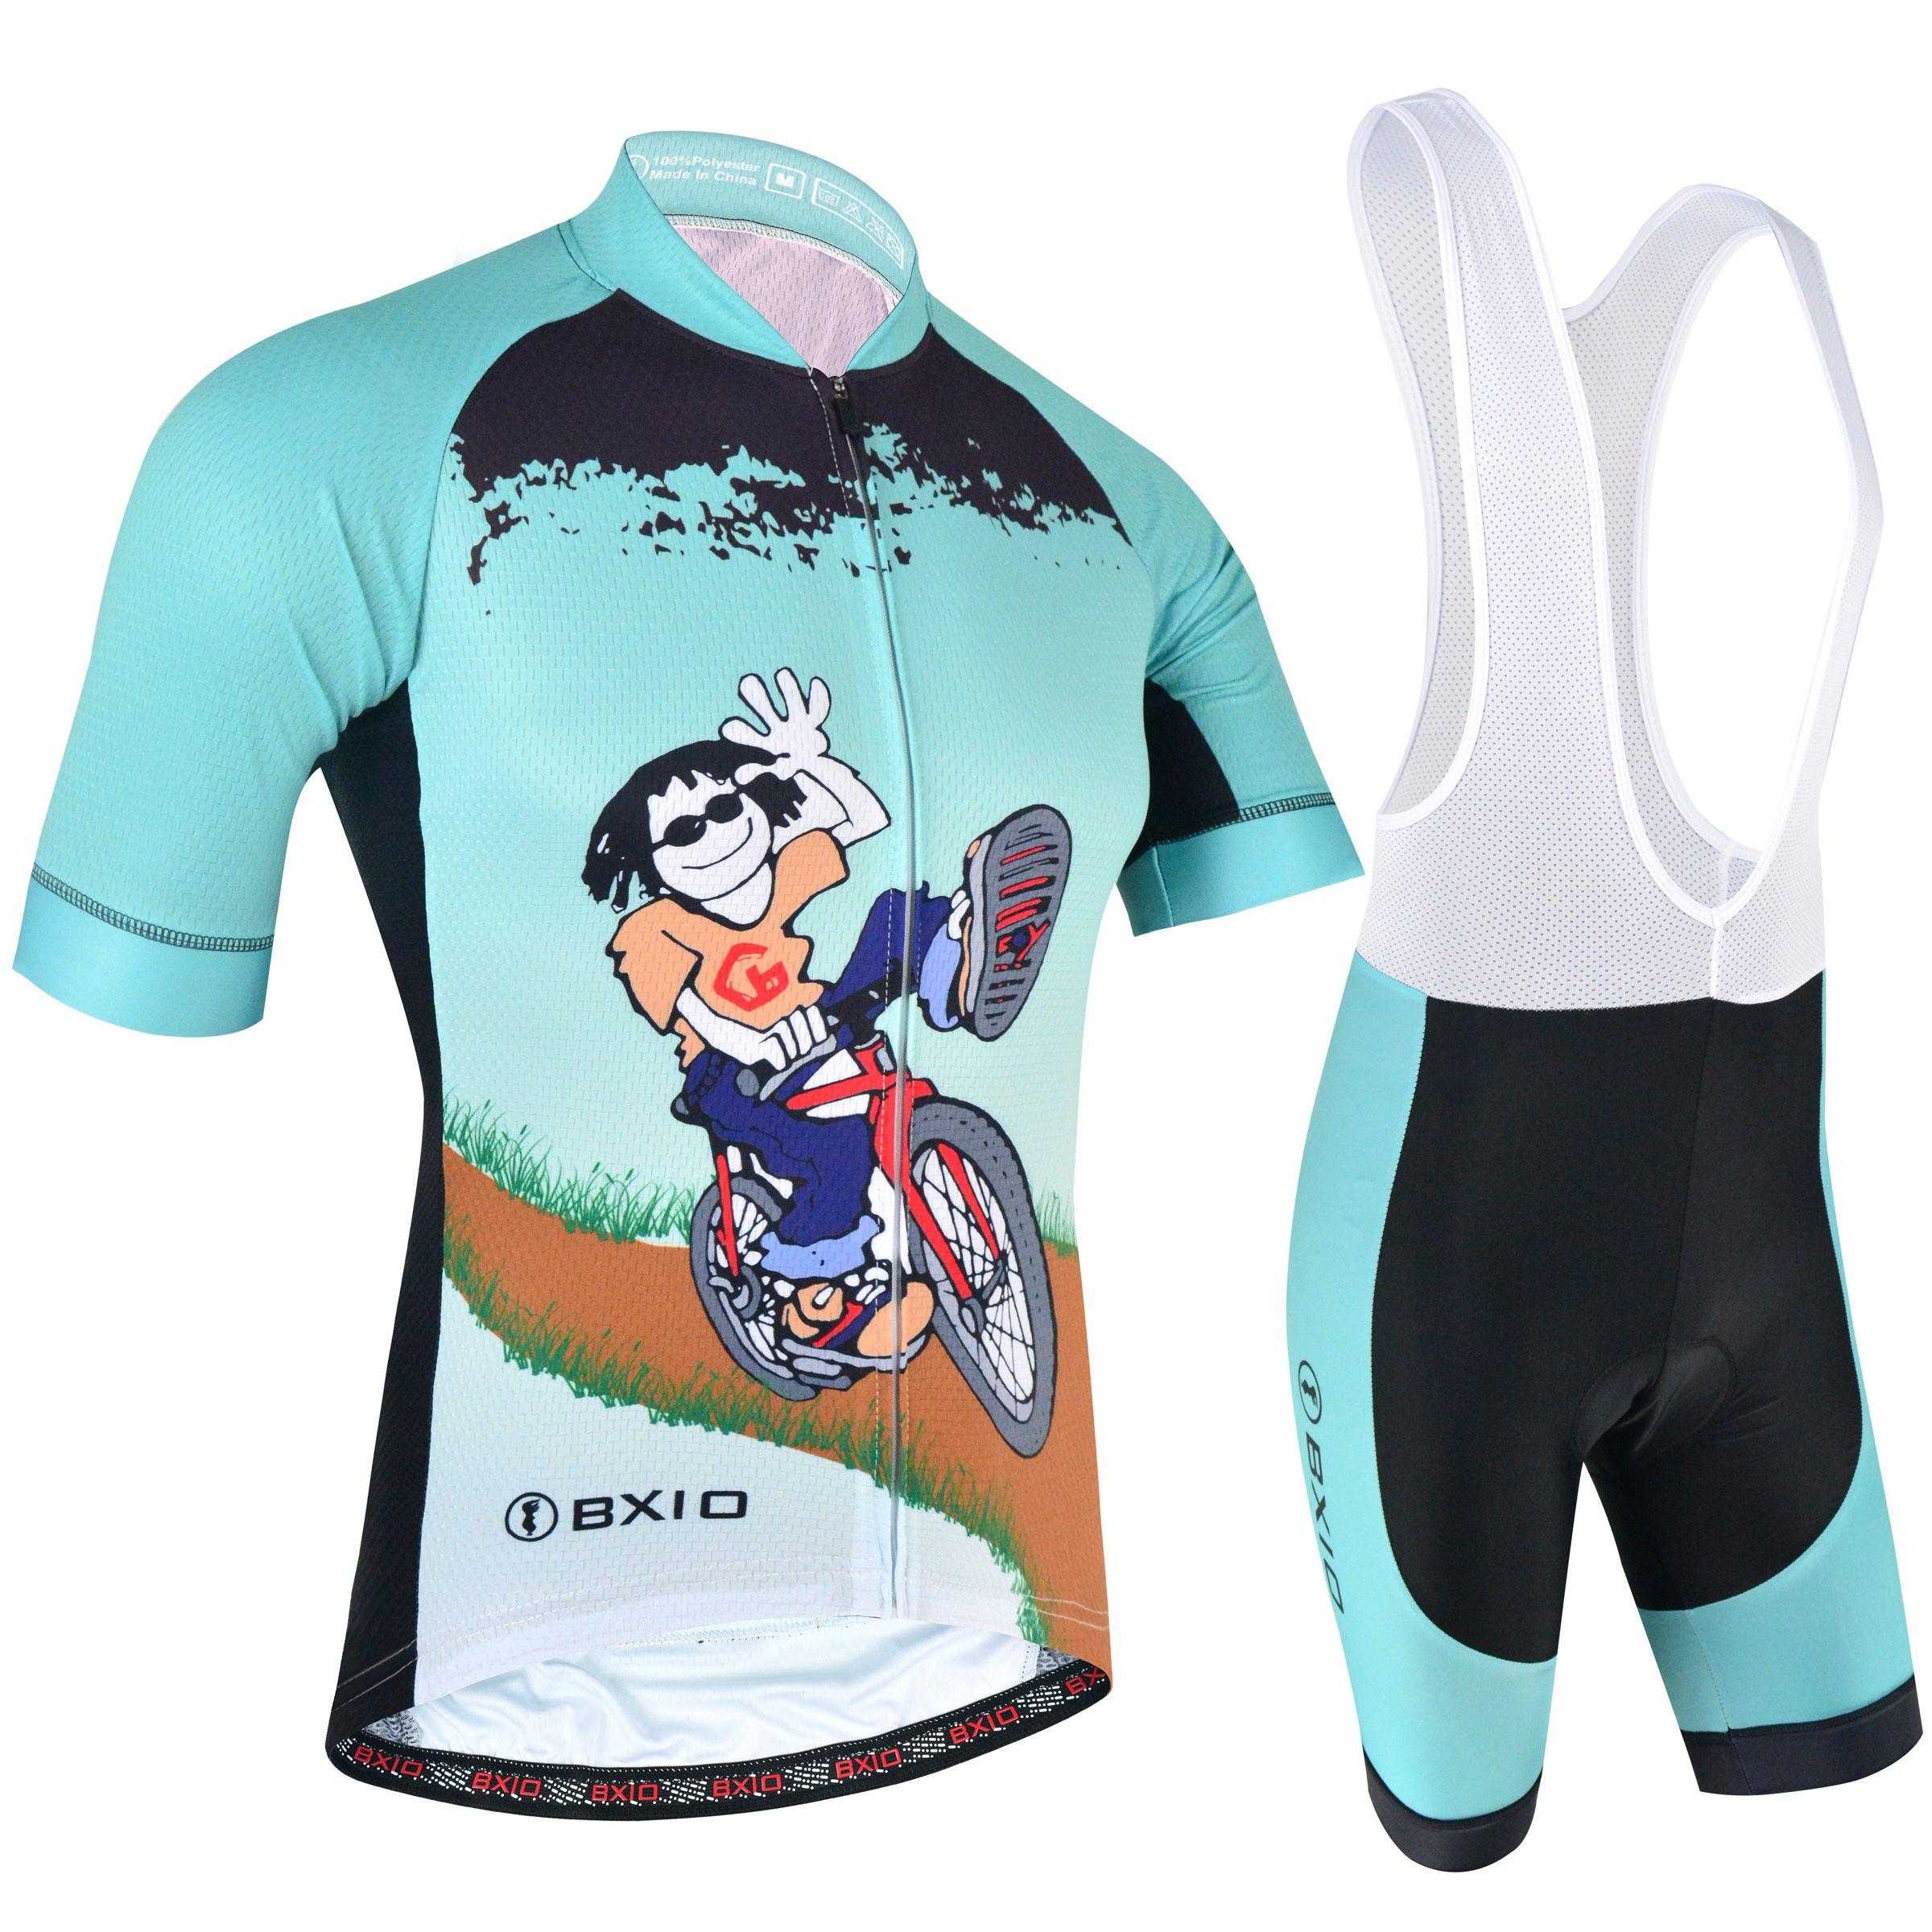 2018 ماركة bxio أحدث نمط الدراجات الفانيلة الصيف السراويل كم دراجة الملابس بارد الرجال الأخضر دراجة جيرسي روبا ciclismo BX-168